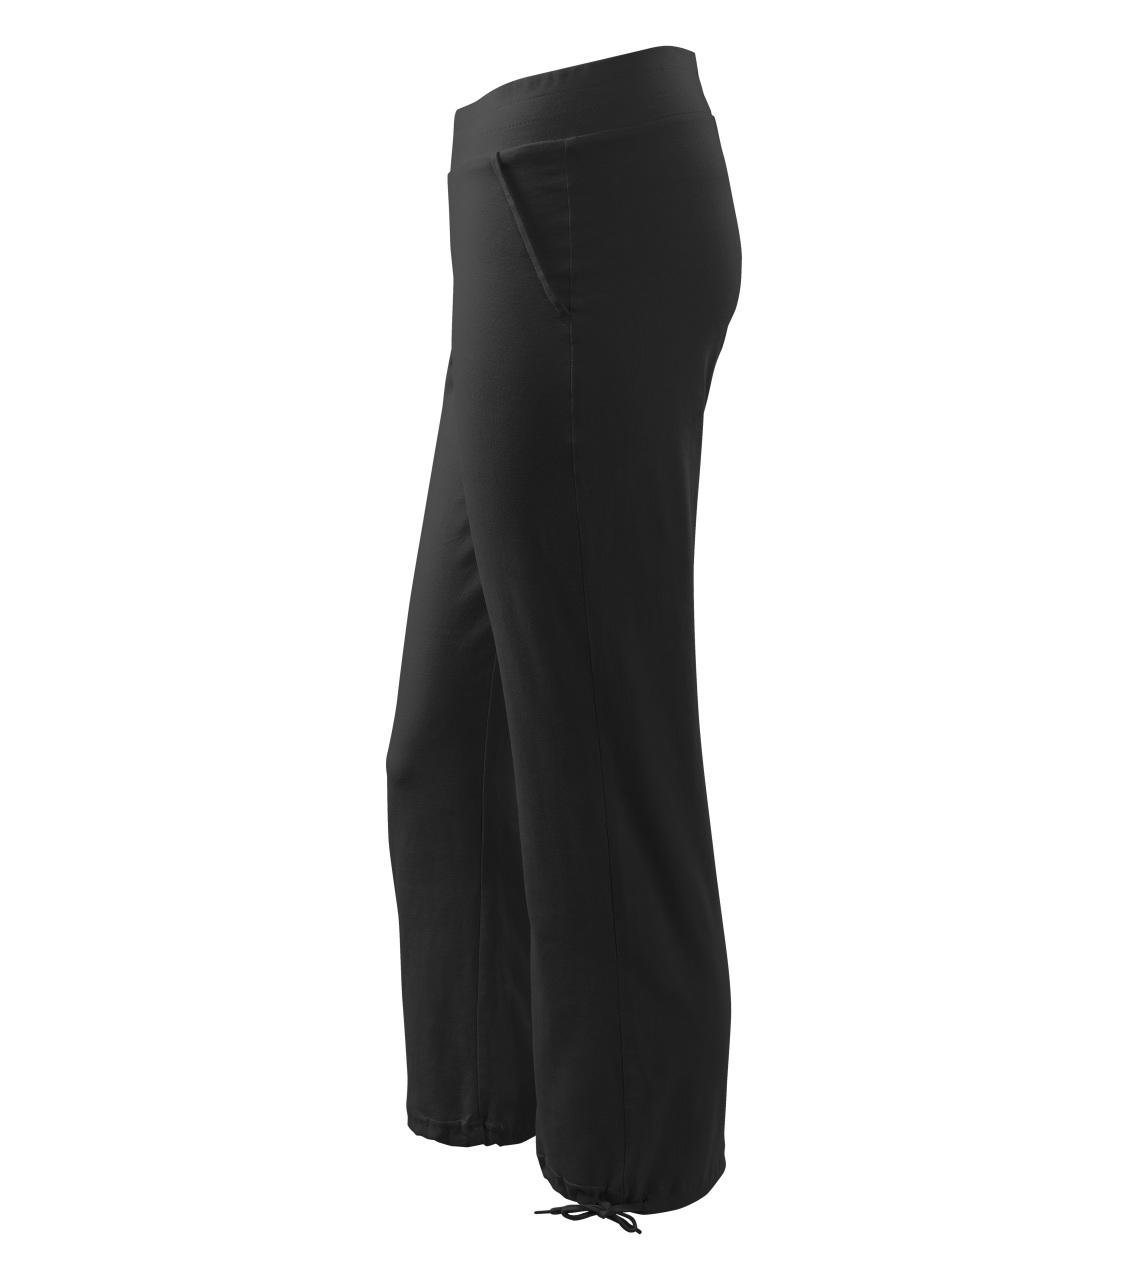 VÝPRODEJ Kalhoty dámské Pants Leisure černá S